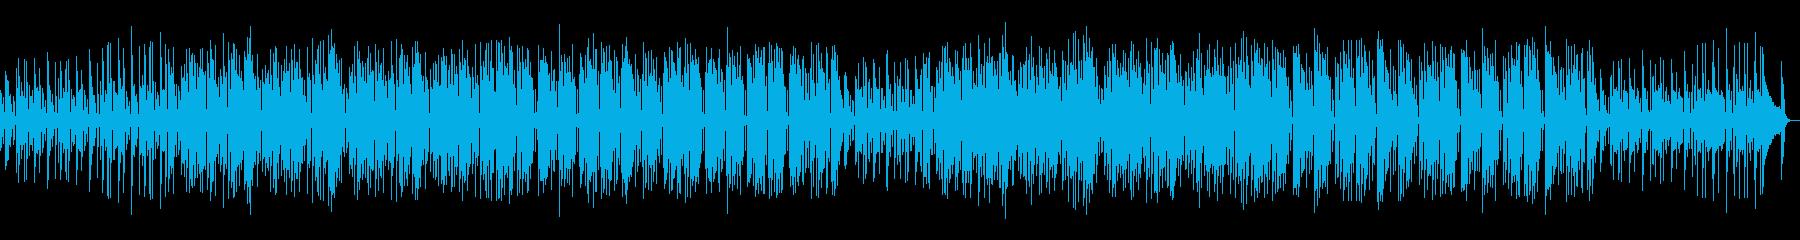 ほのぼのしたボサノヴァティストの曲の再生済みの波形